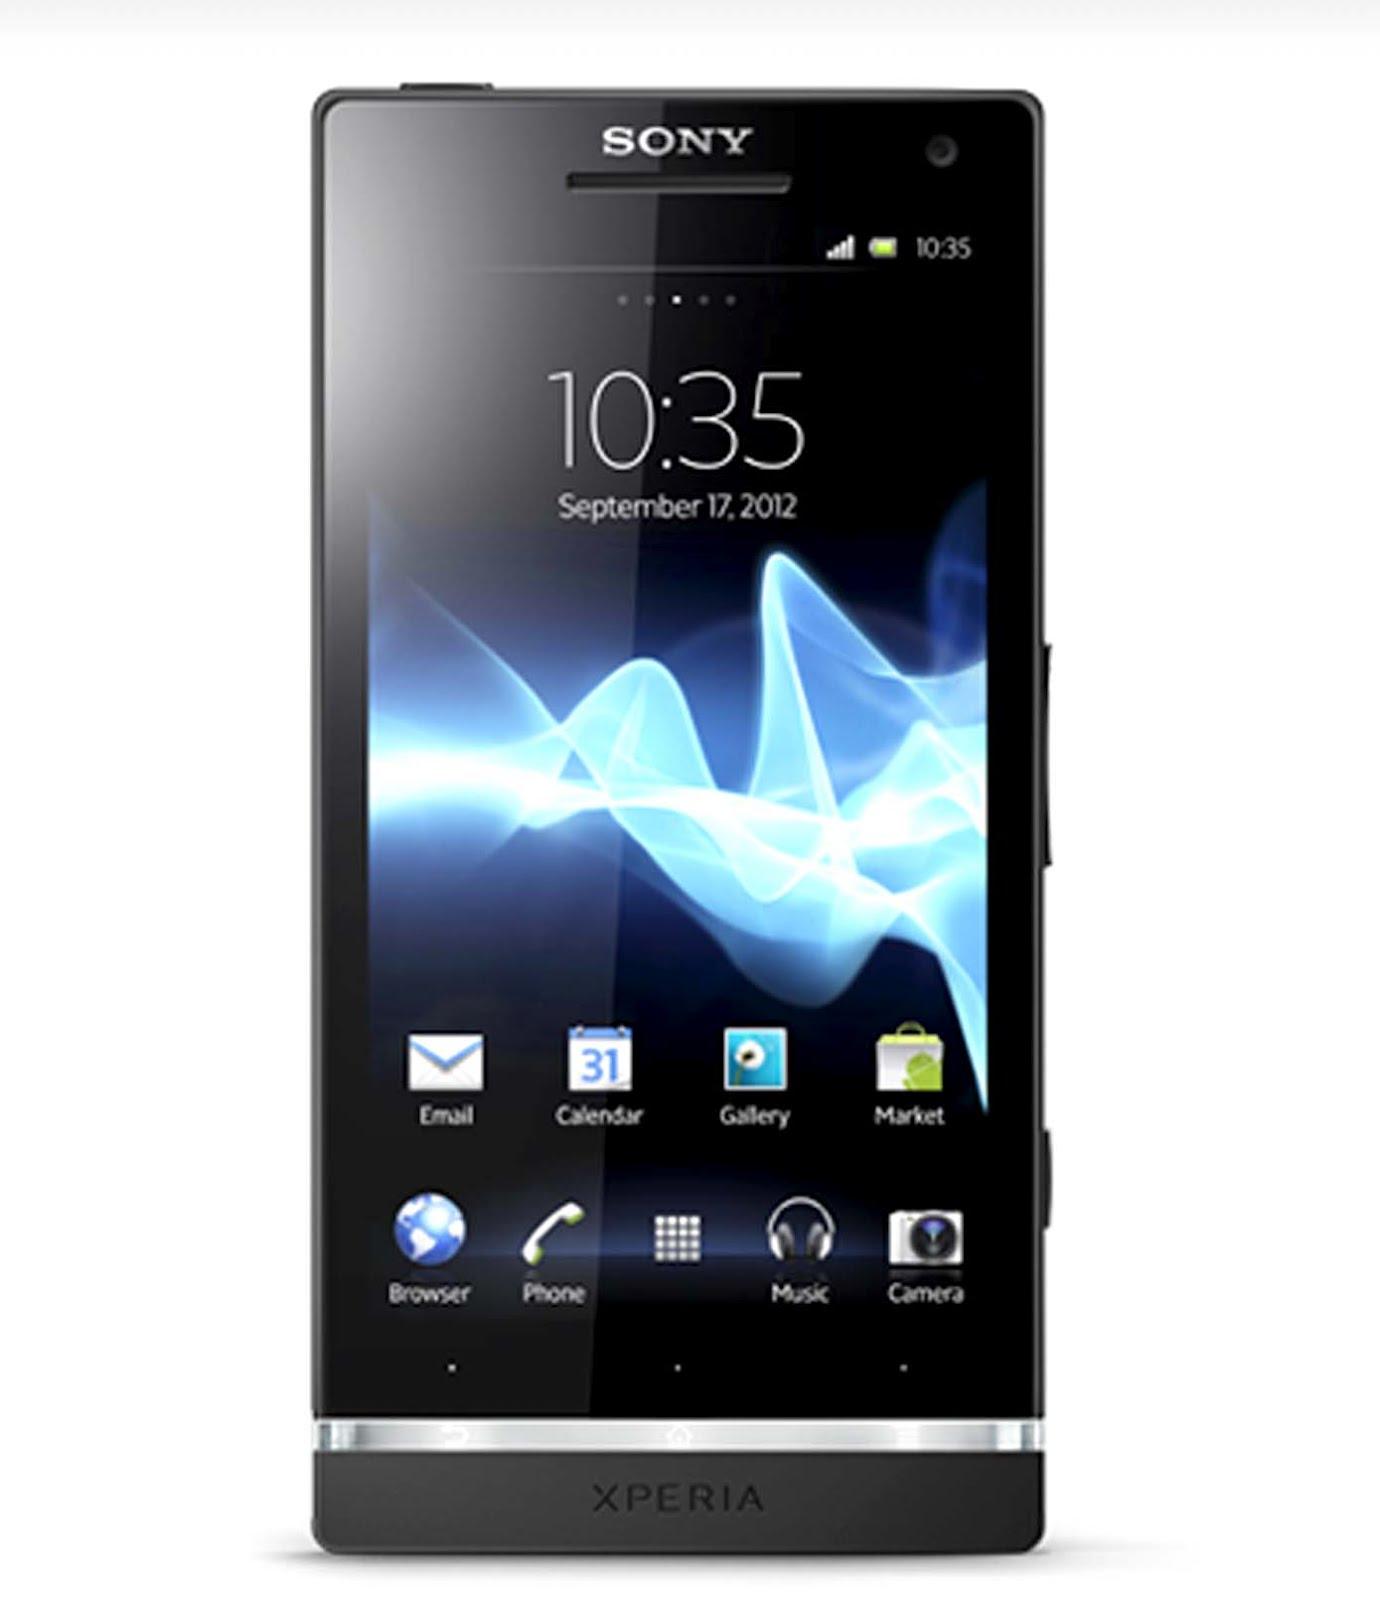 Data Harga Handphone: Sony Xperia S